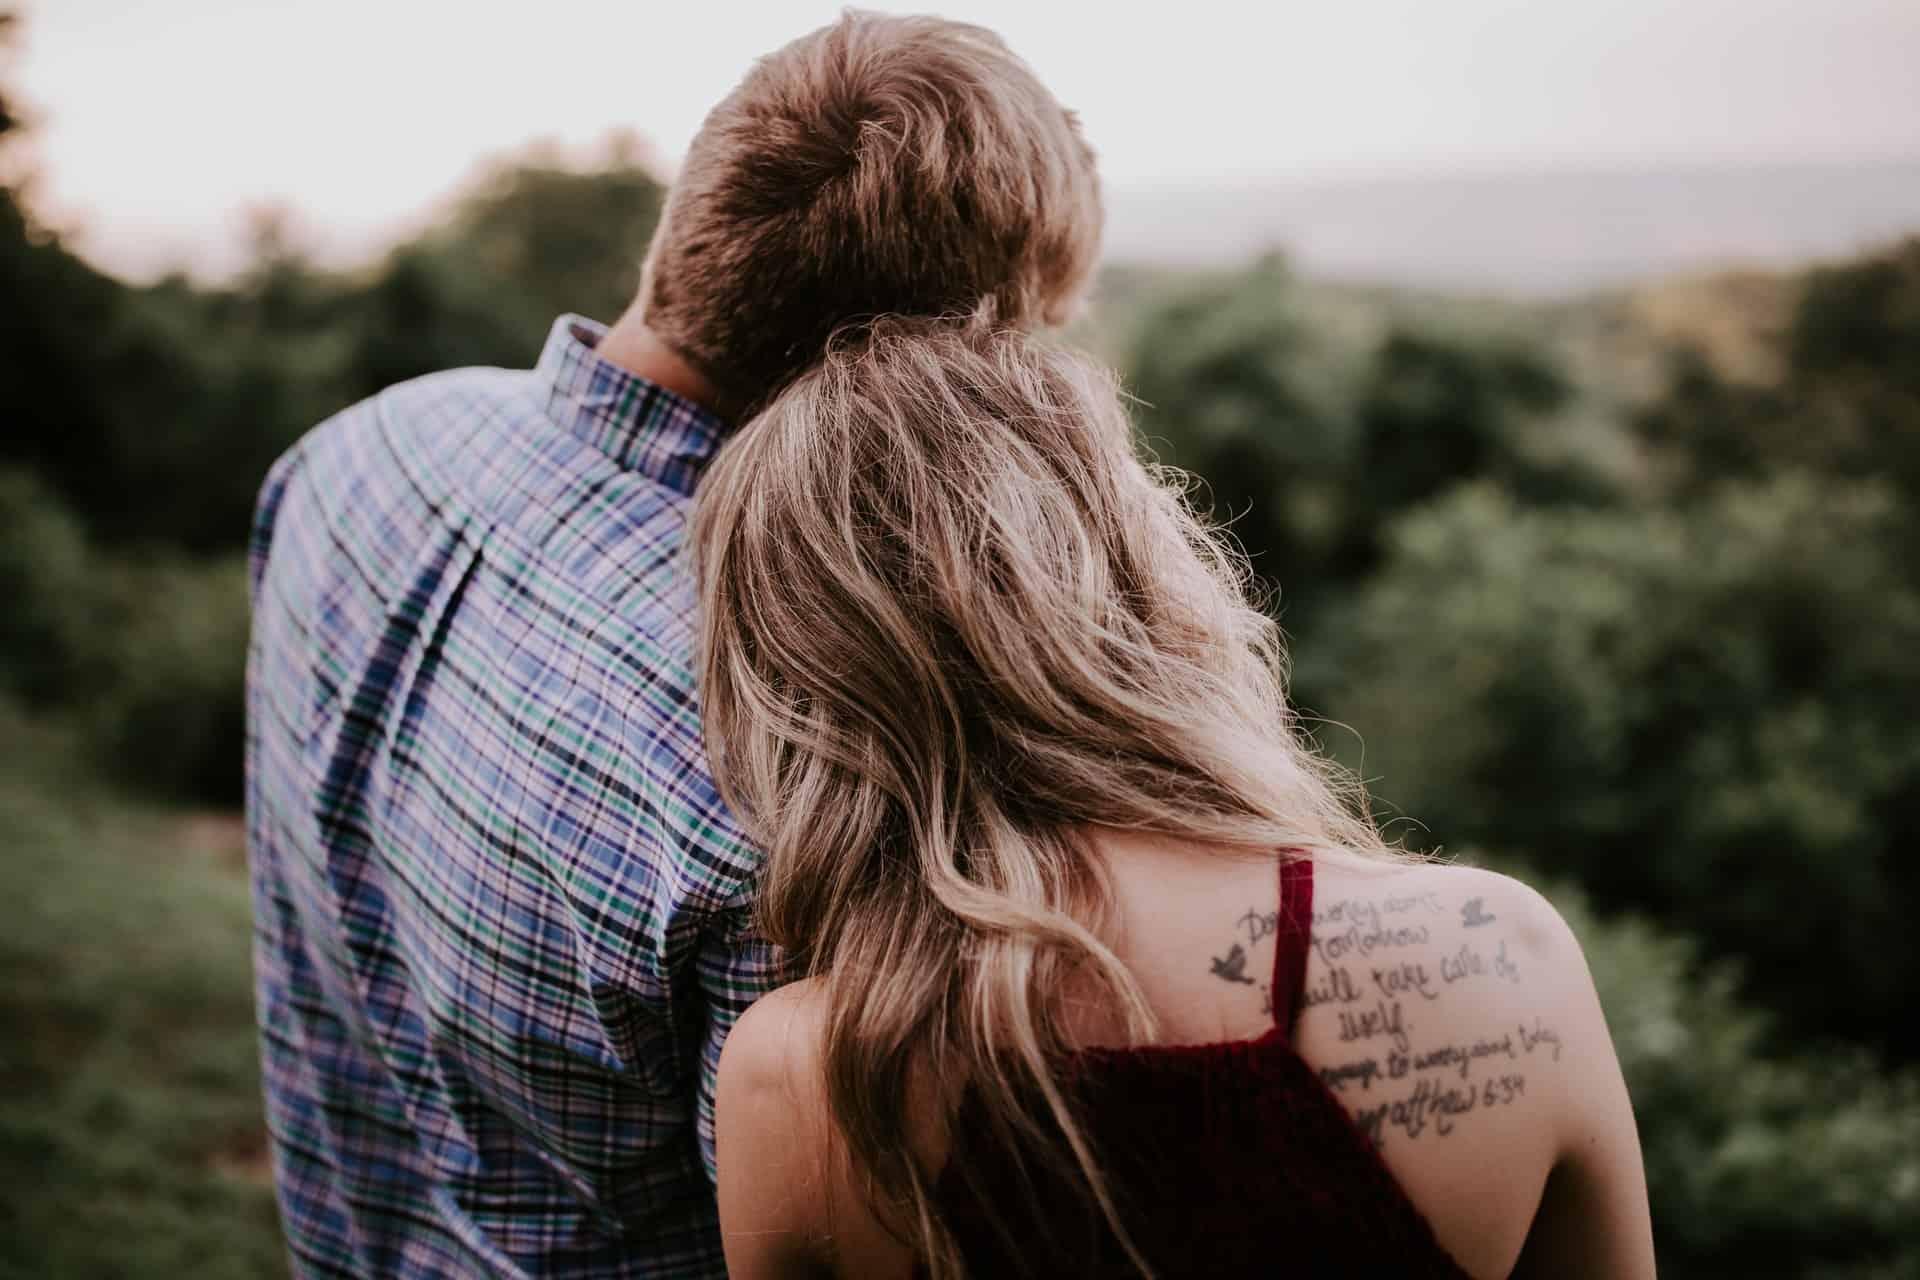 kvinna med tatuering lutad på mans axel